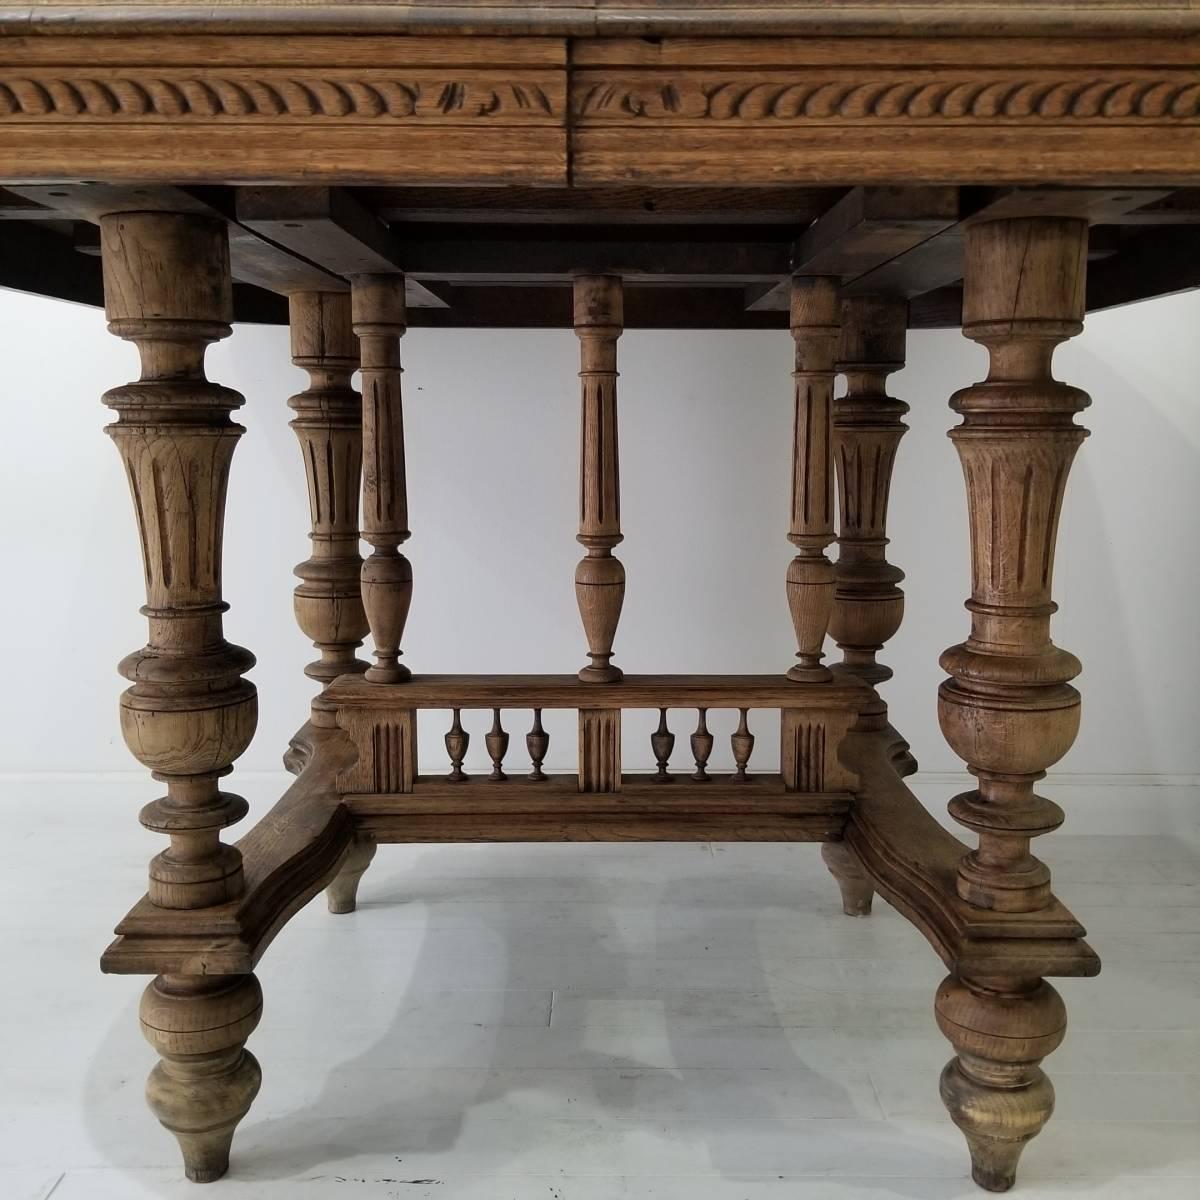 アンティーク 枯れた木味の雰囲気が素敵なアンリ二世 ダイニングテーブル シャビーシック フランス ヴィンテージ ブロカント _画像7